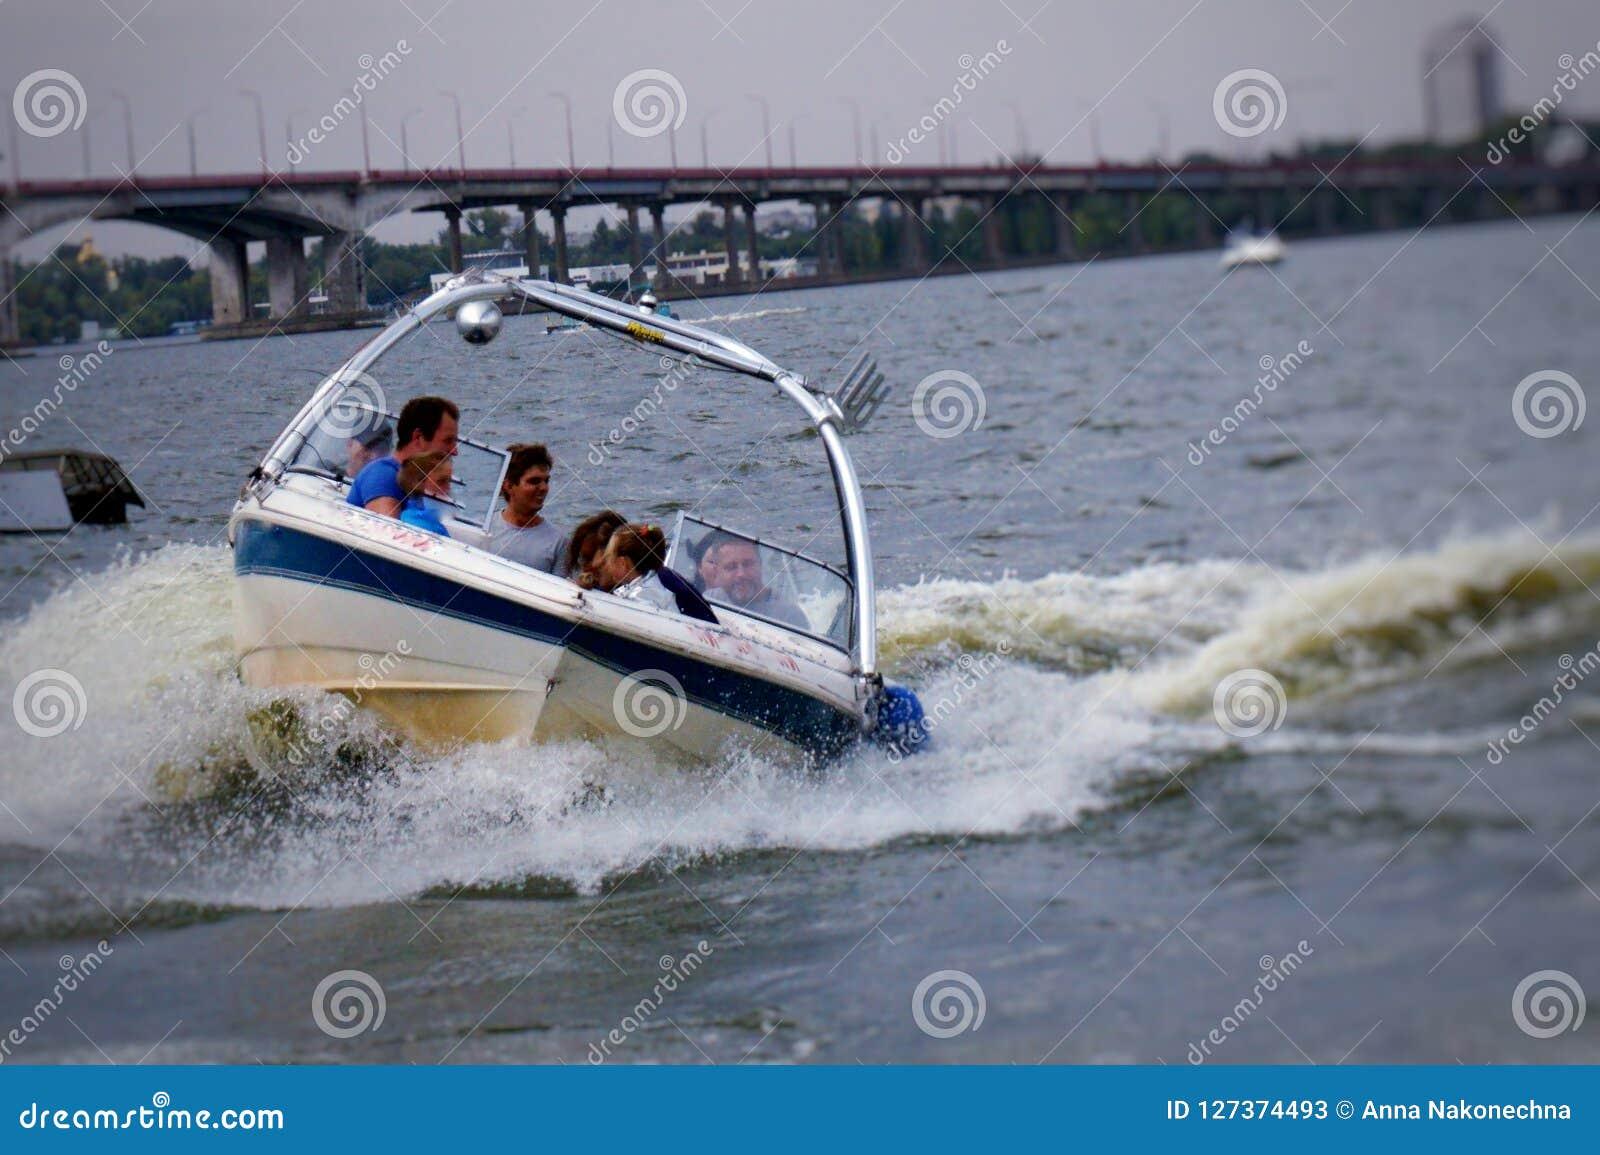 Montando um barco no rio, no tempo passável